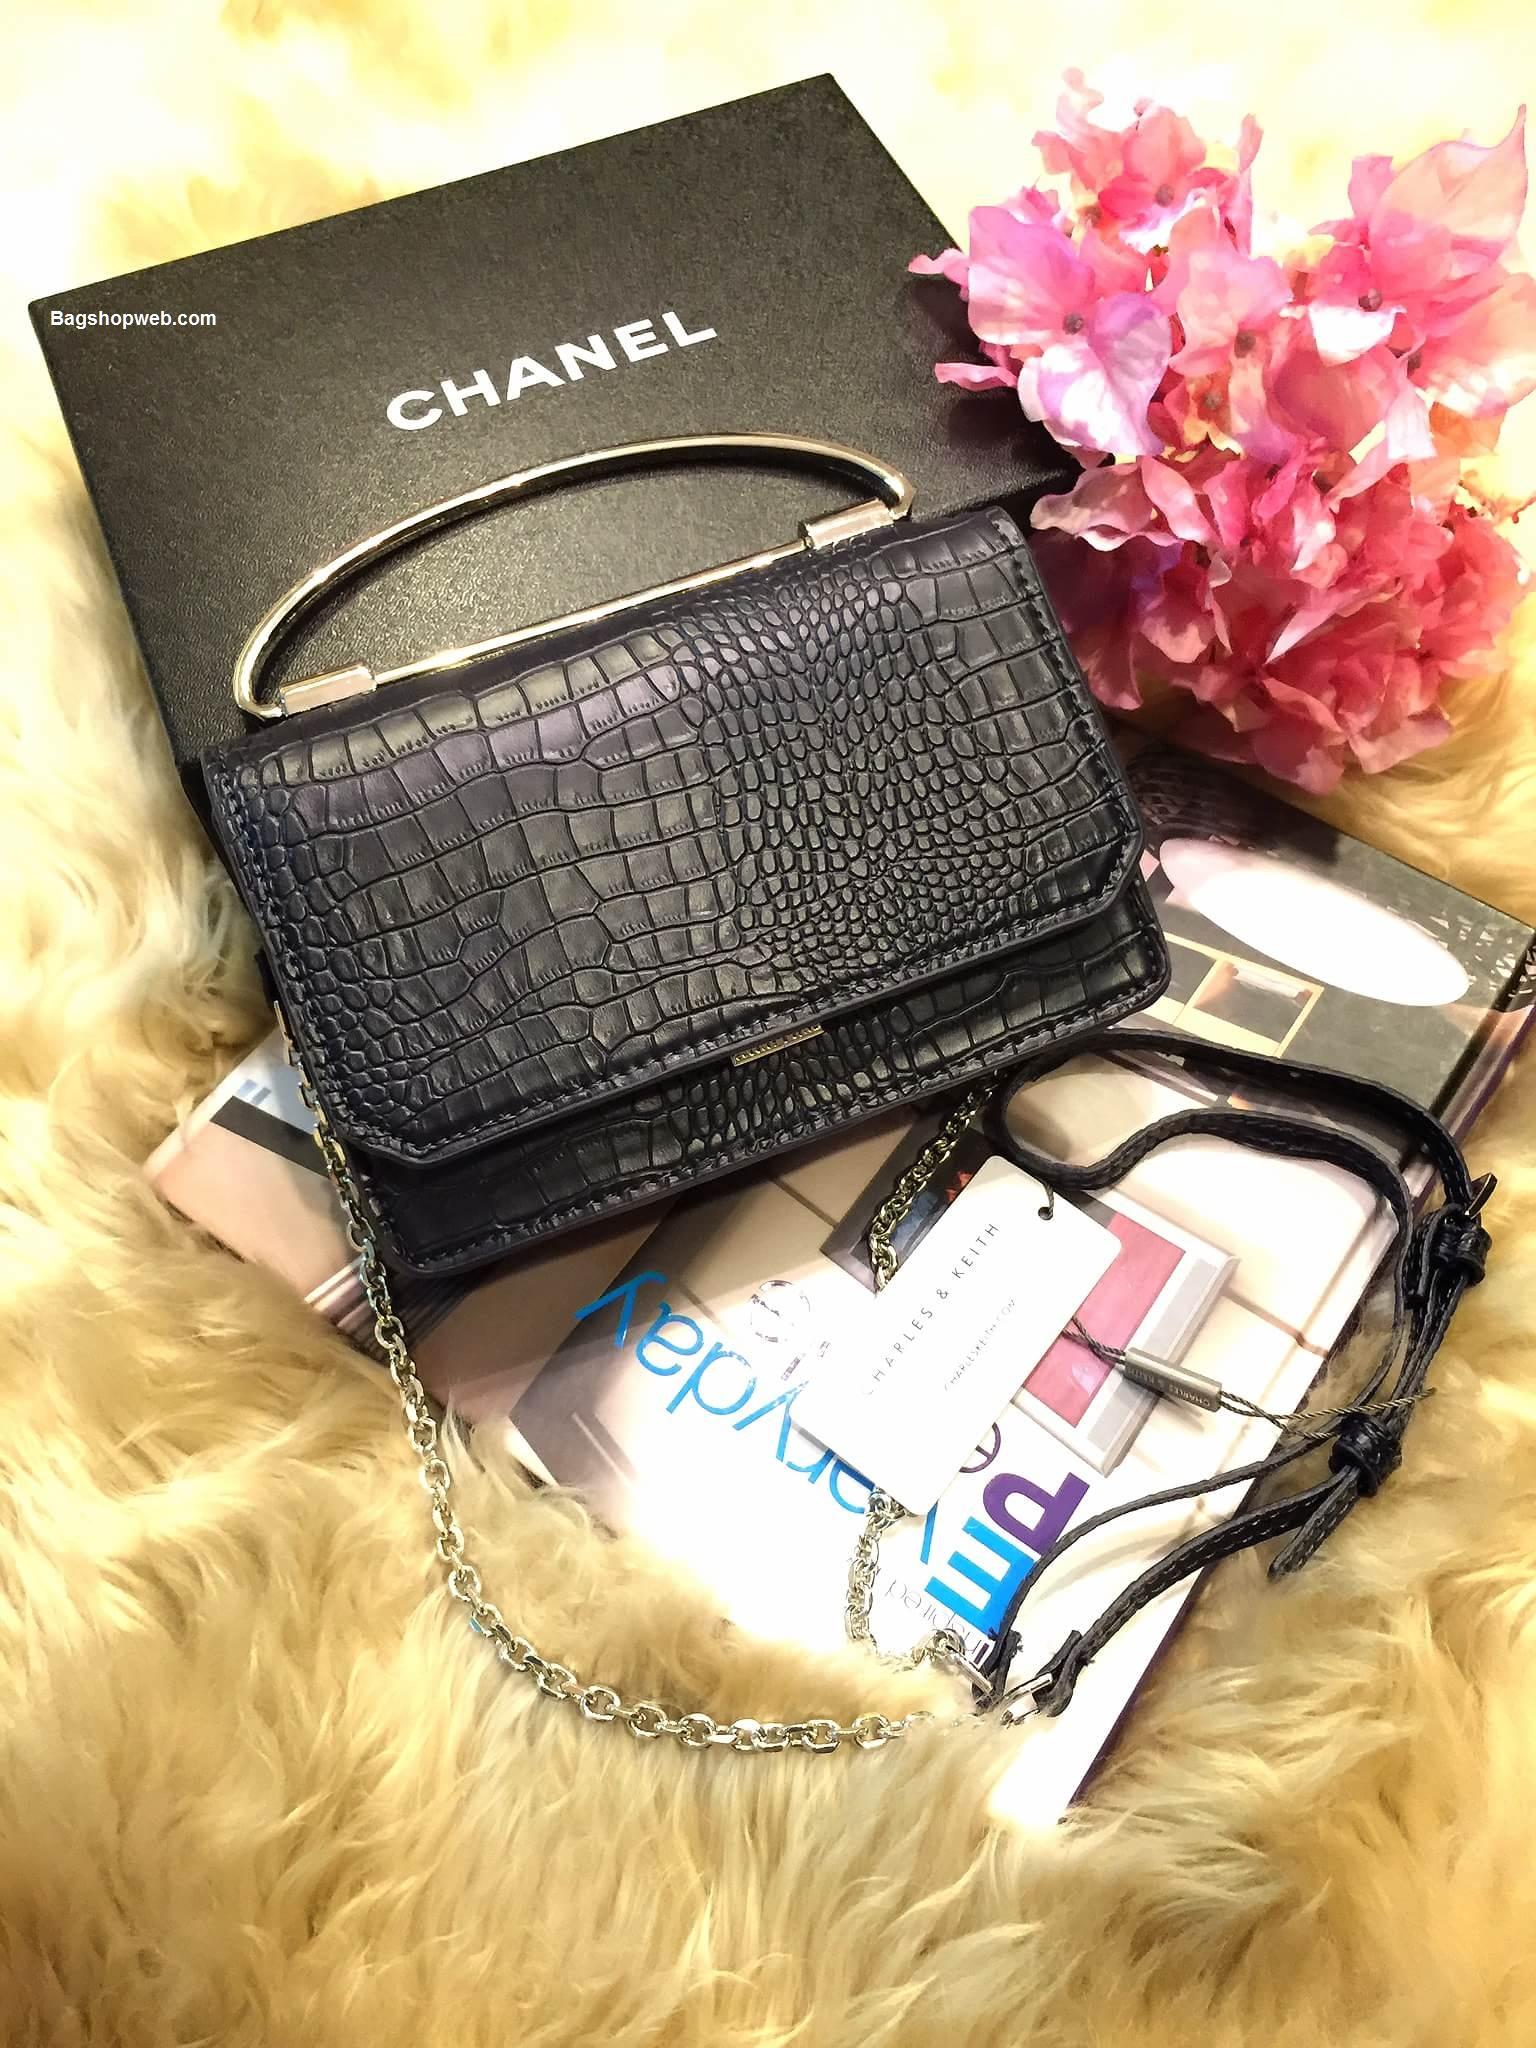 กระเป๋า Charles & Keith Push Lock Bag 2016 สีกรมท่า